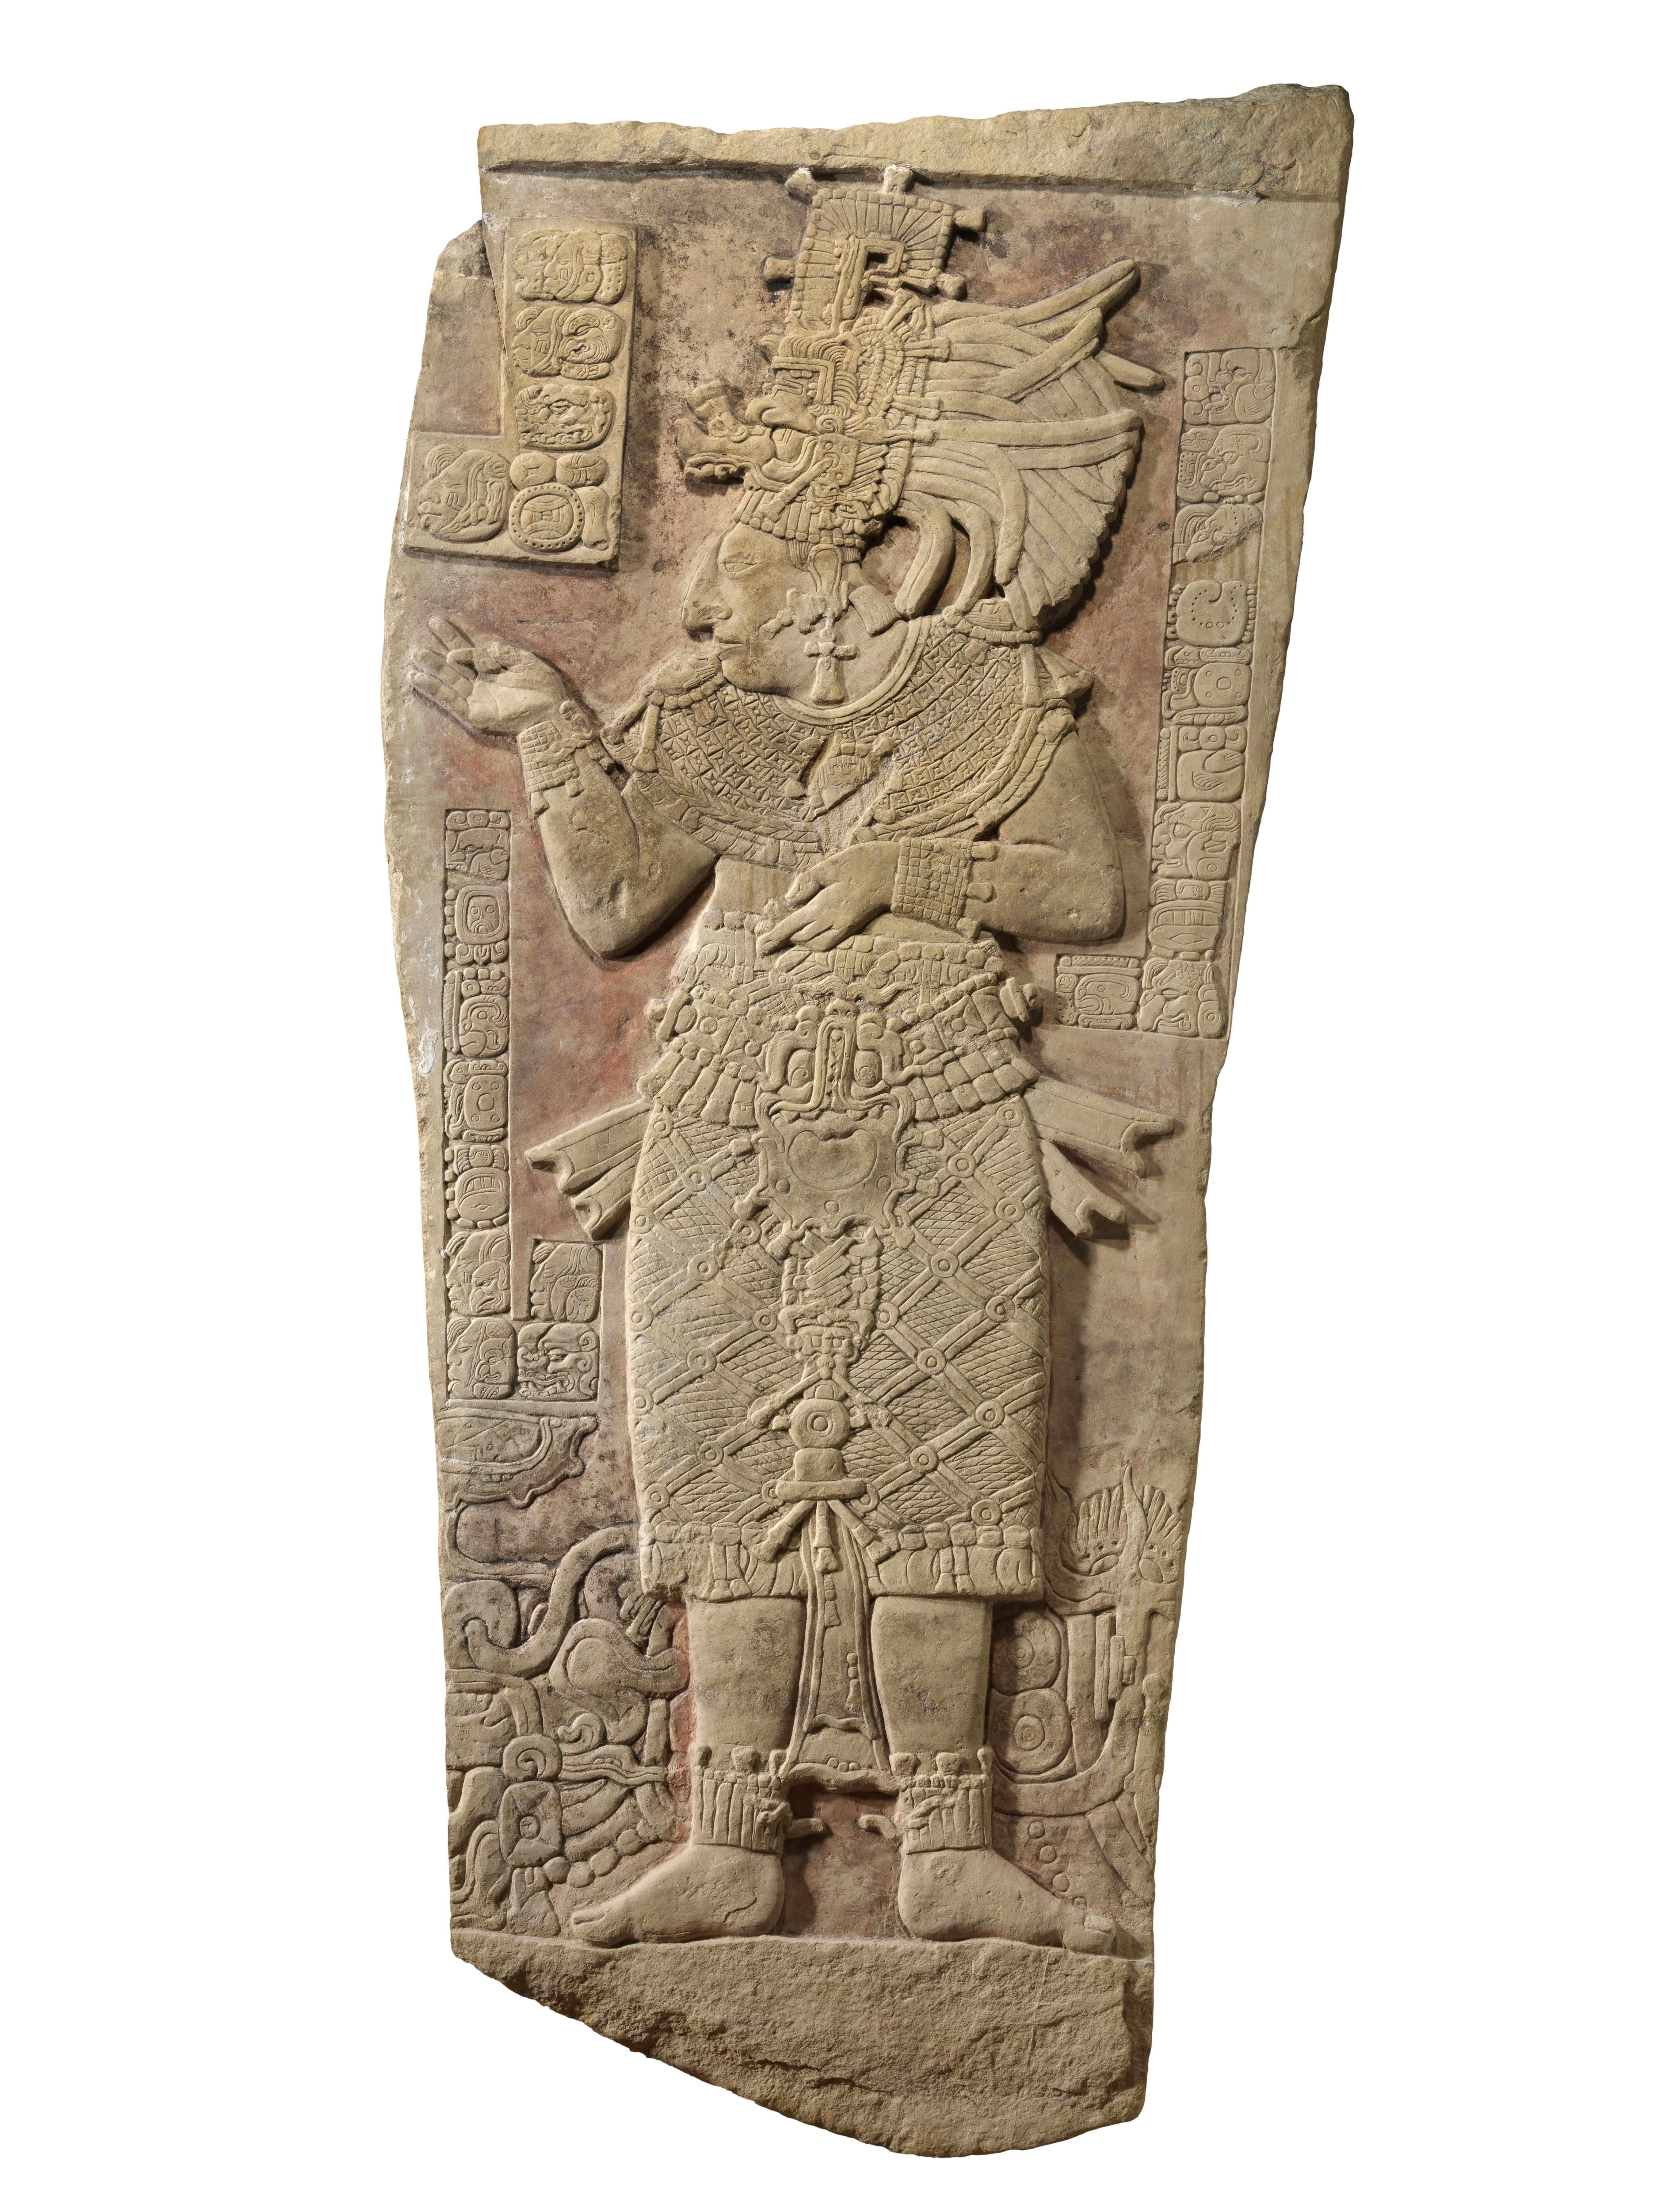 """Wandtafel von 1,70 Metern Höhe mit der Darstellung einer Königin namens Ix Ook Ahiin (""""Frau Krokodil-Fuß"""", 650–750 n. Chr.), Material: Kalkstein"""